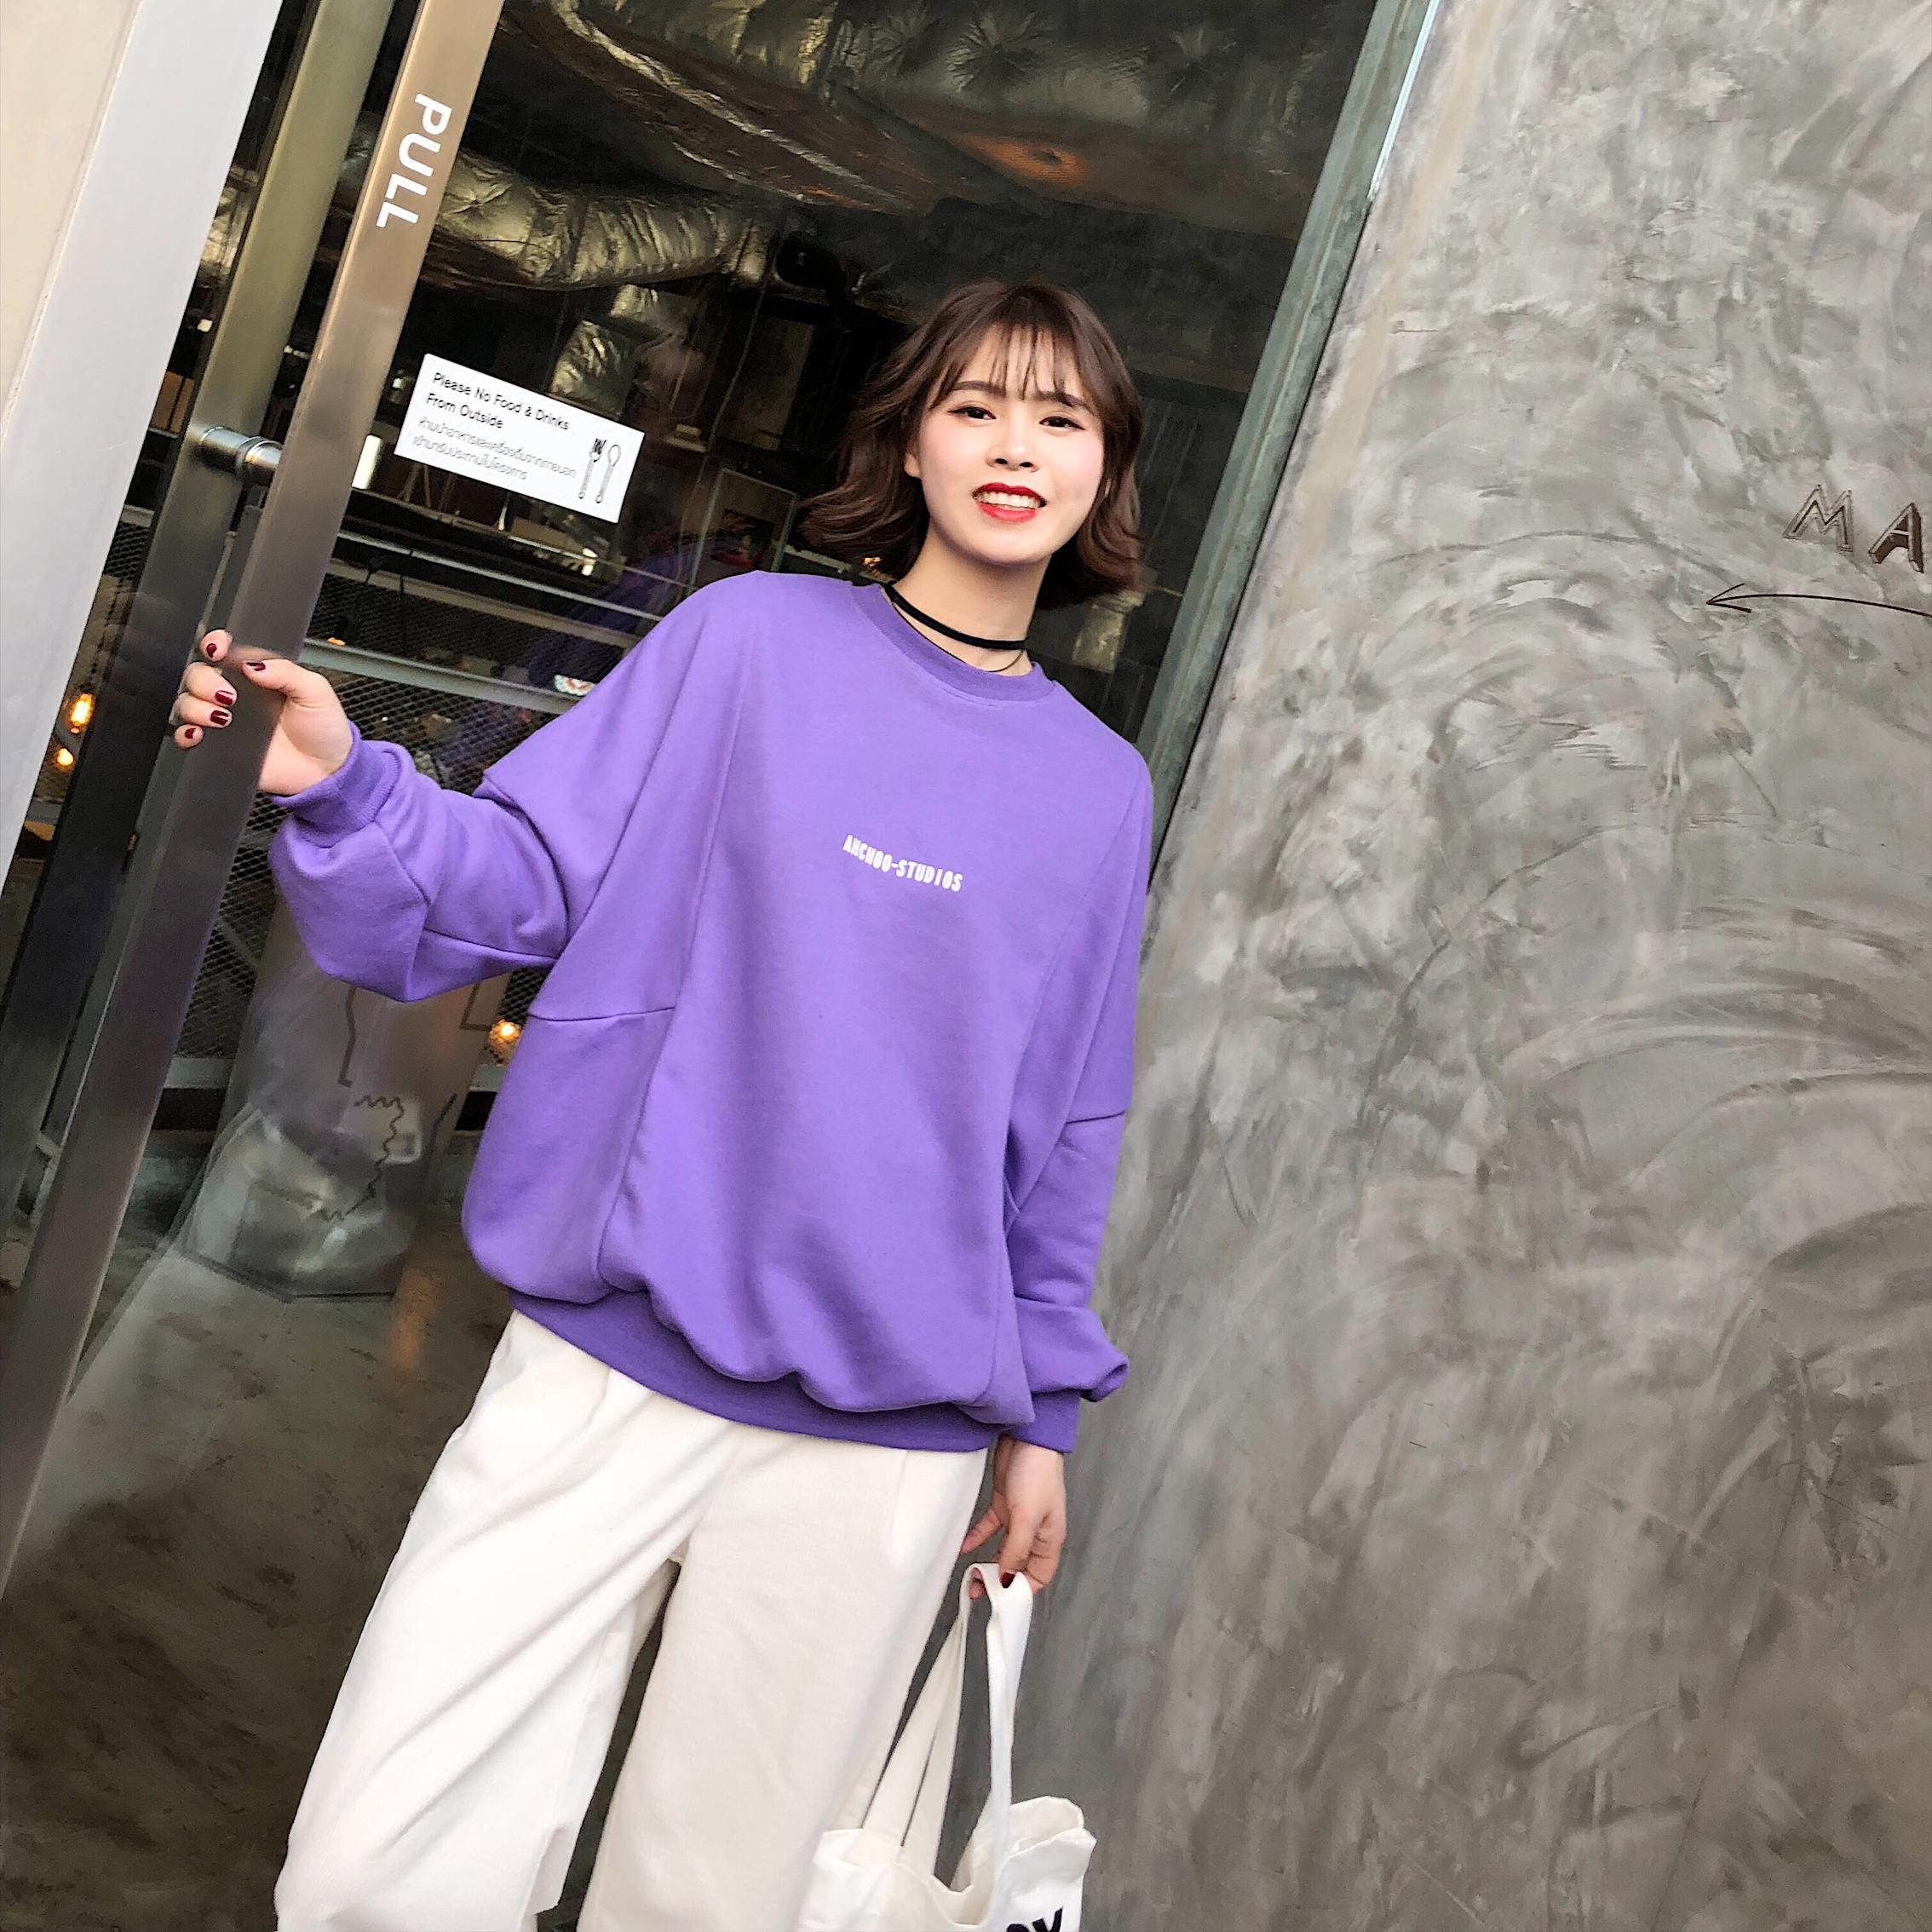 紫色卫衣 2018春季新款韩版胸前字母圆领卫衣女套头宽松显瘦短款bf风上衣_推荐淘宝好看的紫色卫衣